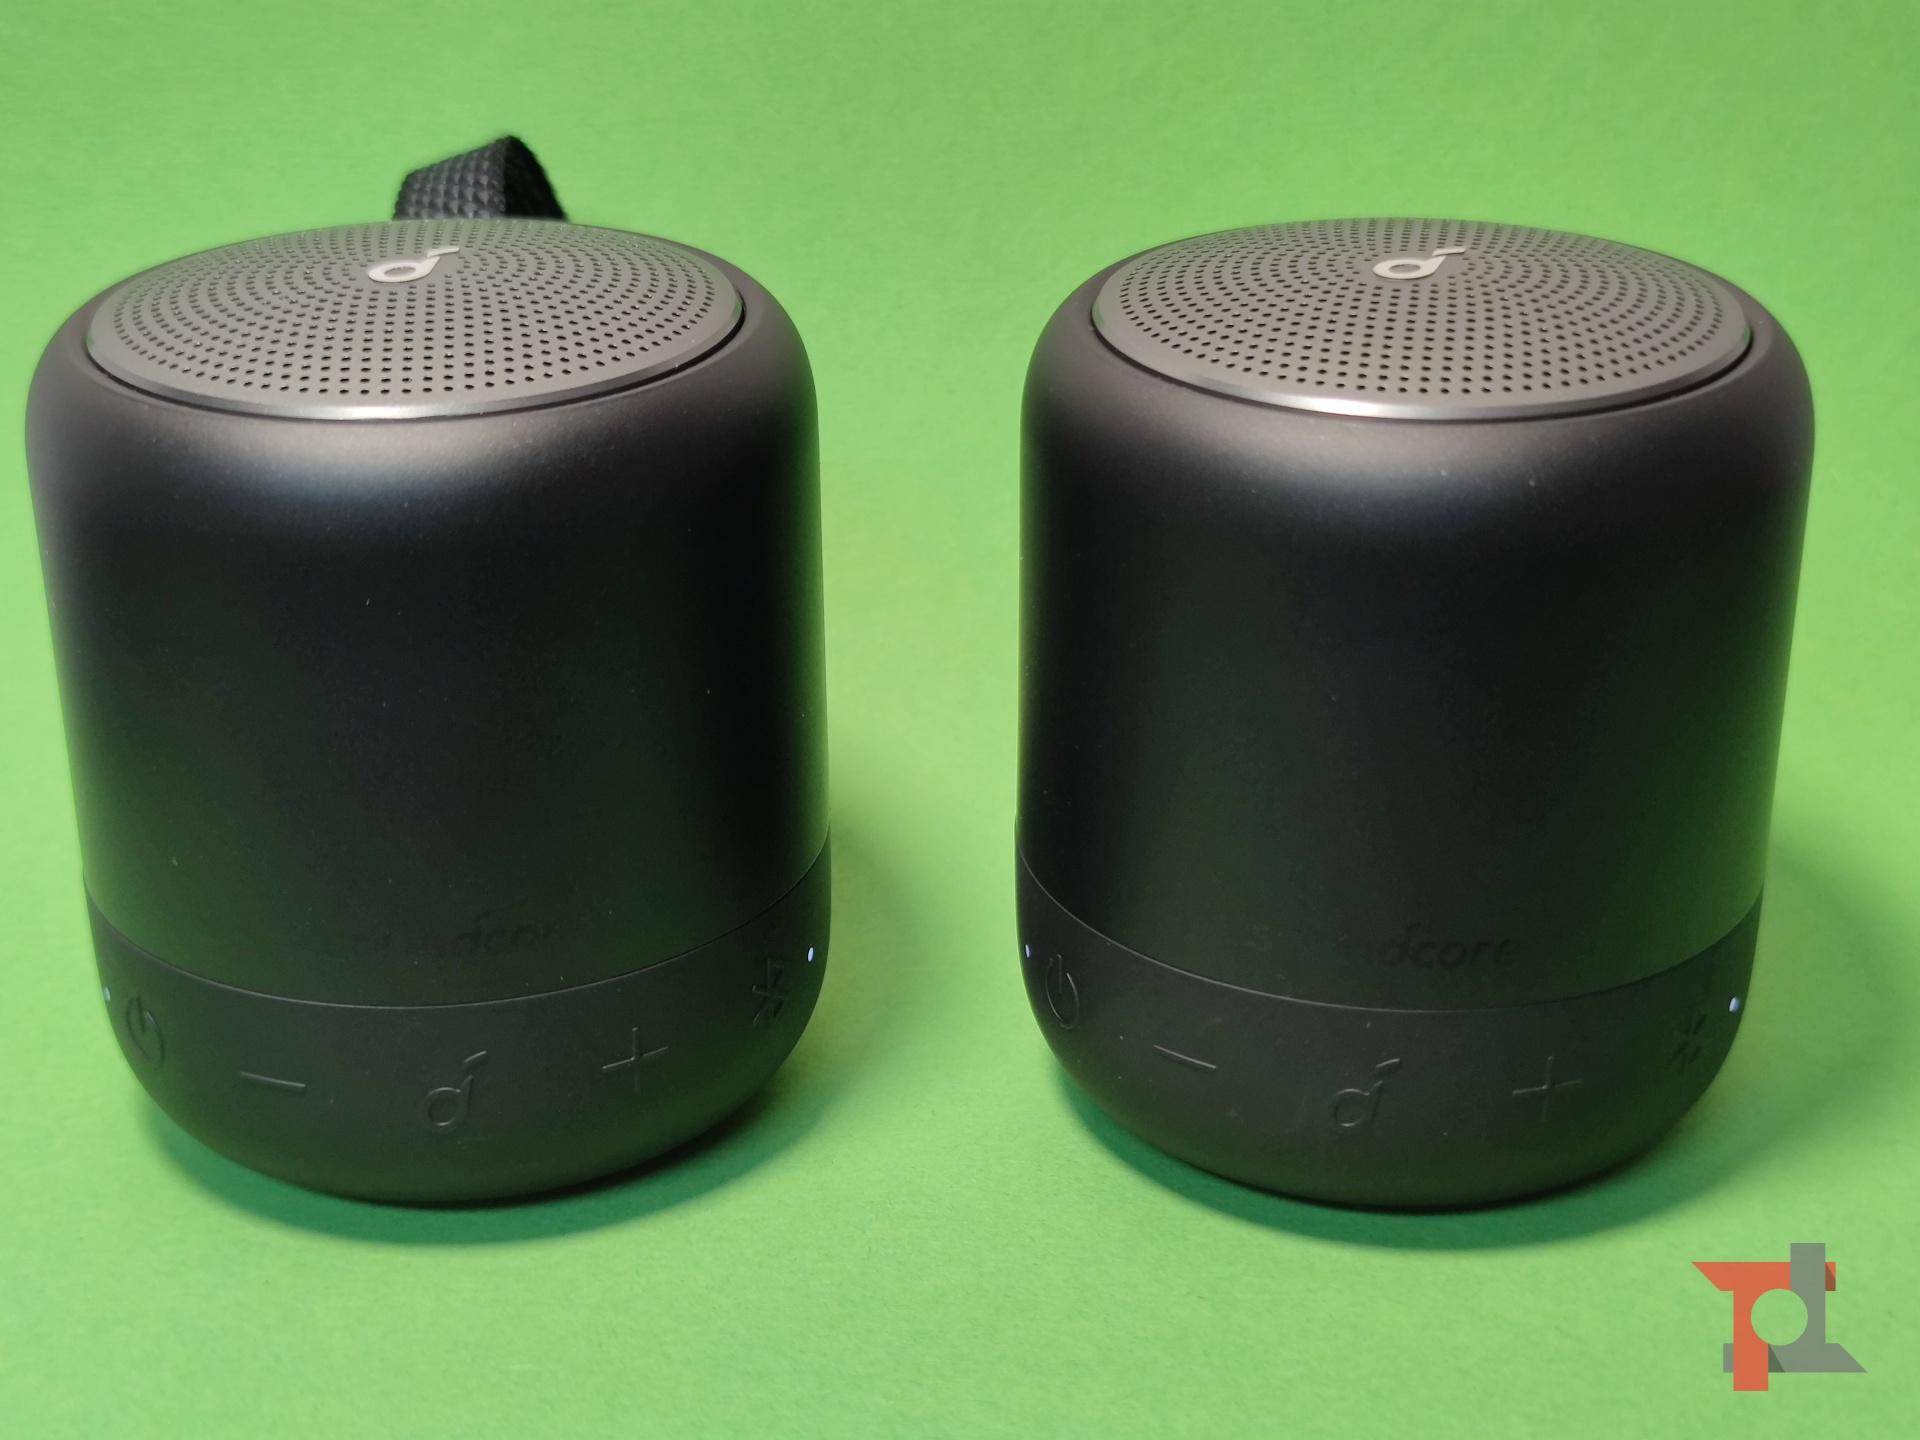 Recensione Soundcore Mini 3, piccolo speaker tuttofare che non teme l'acqua 7